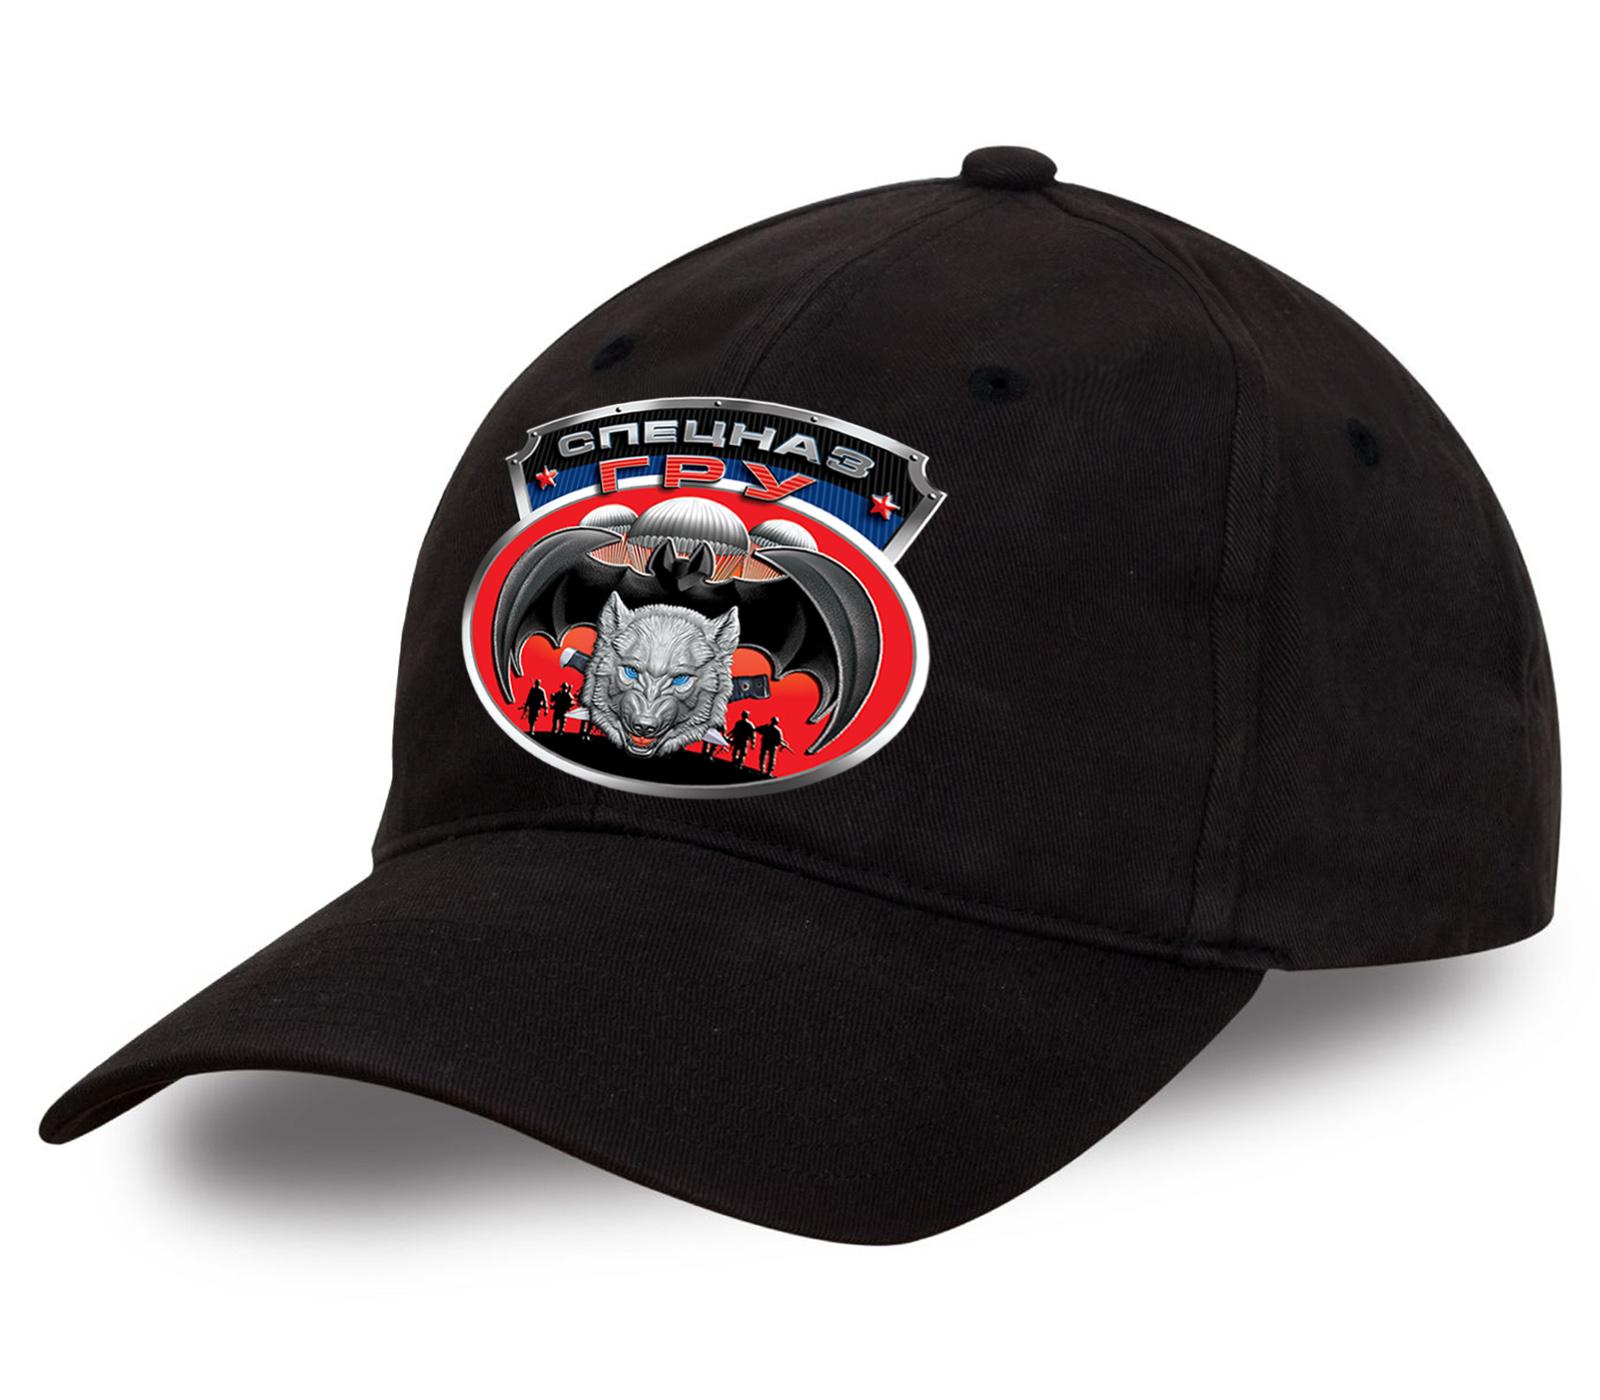 """Эффектная кепка """"Спецназ ГРУ"""" с эмблемой. Достойный головной убор для крутых парней!"""